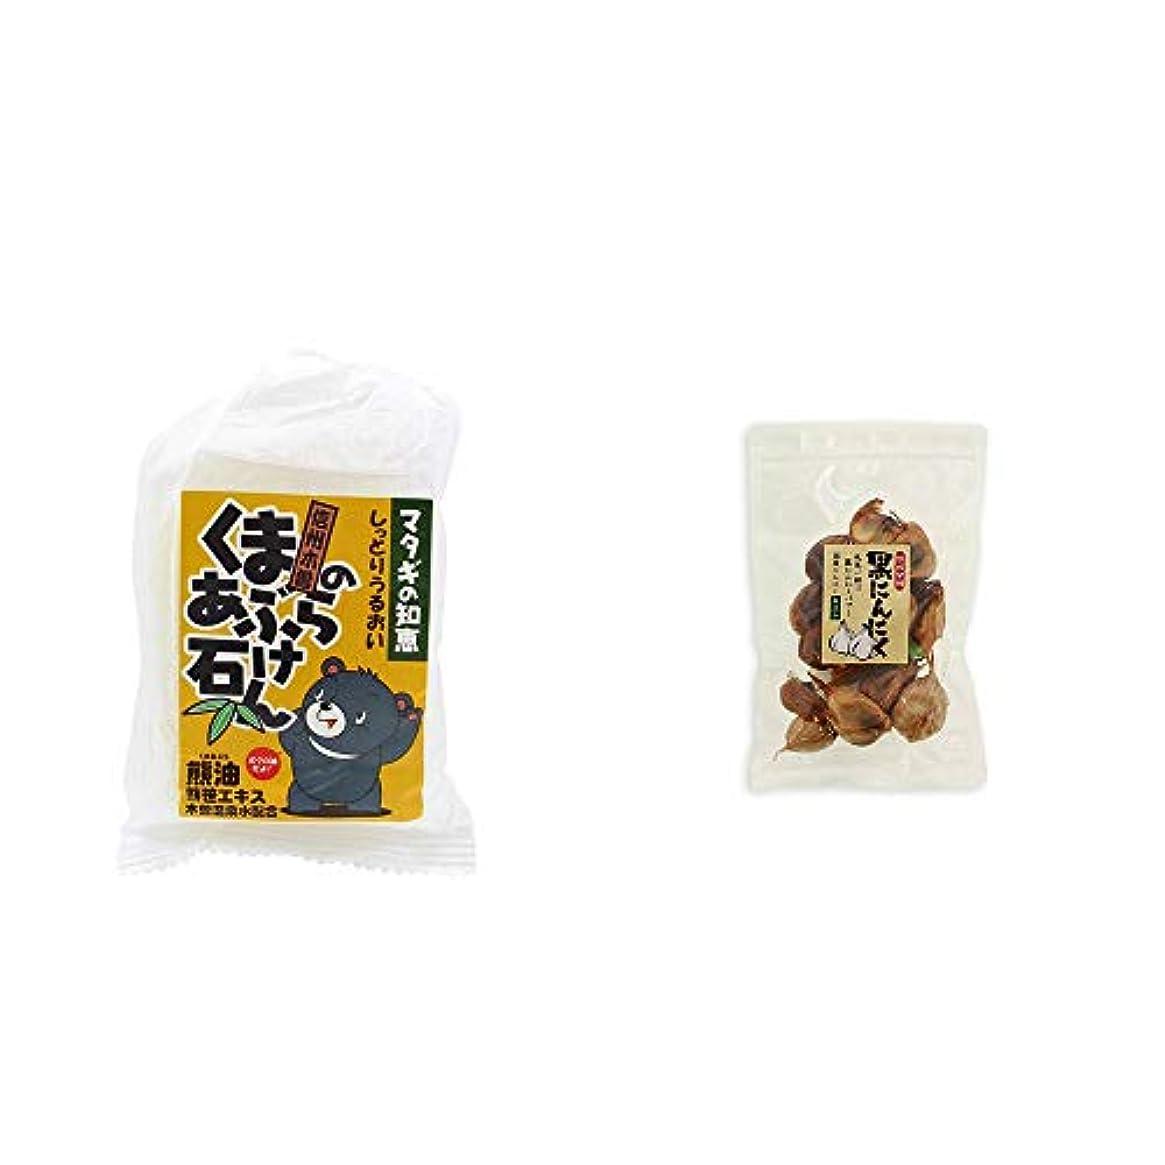 ビタミンブレーキ透けて見える[2点セット] 信州木曽 くまのあぶら石けん(80g)?熟成発酵 黒にんにく(120g)